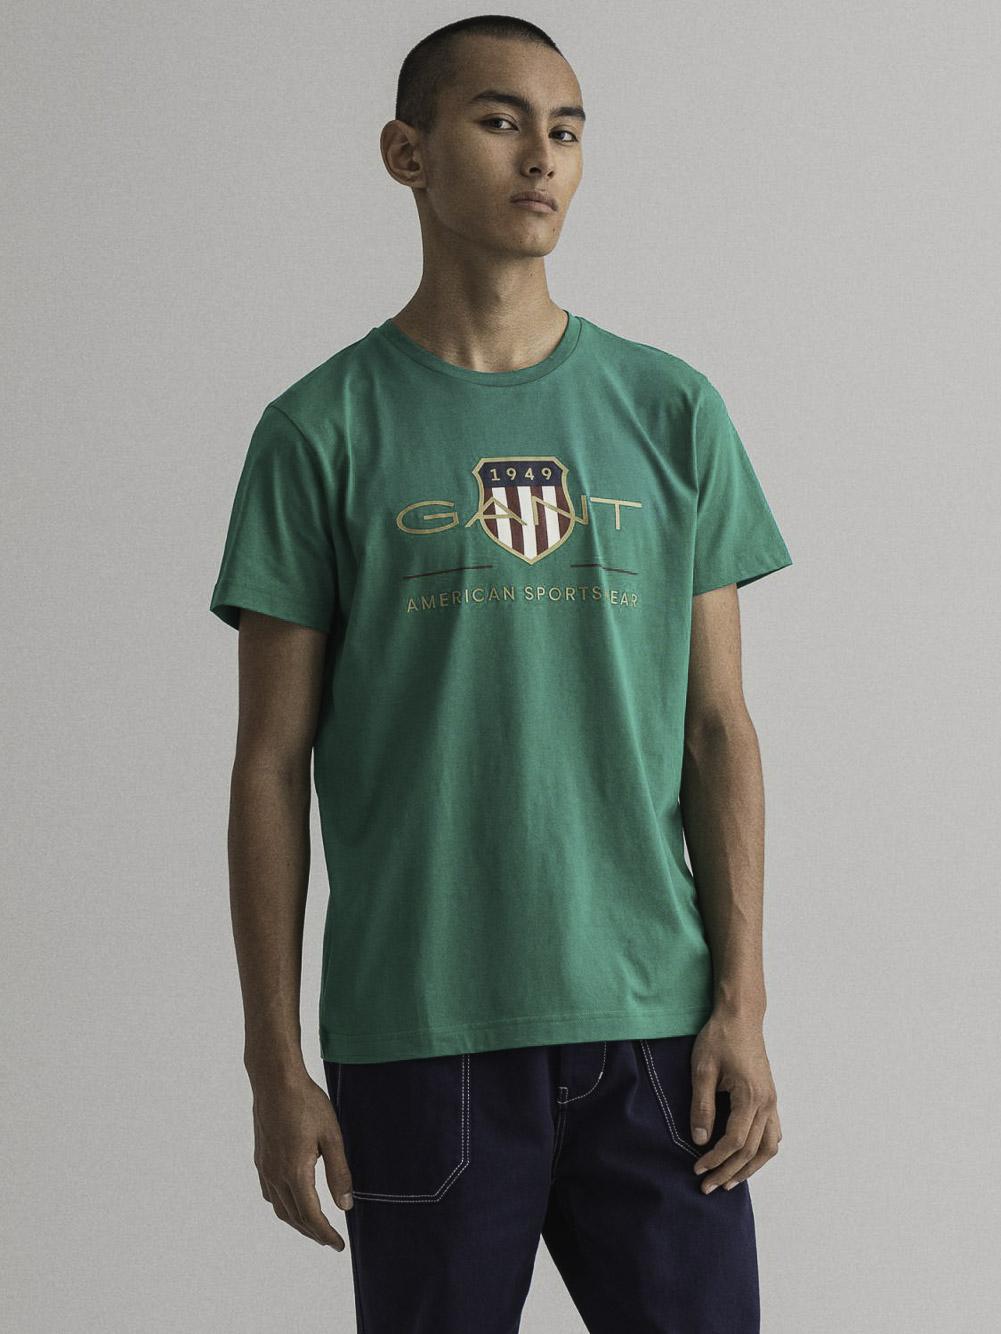 GANT Μπλούζα t-shirt 3G2003099-336 ΣΚΟΥΡΟ ΠΡΑΣΙΝΟ